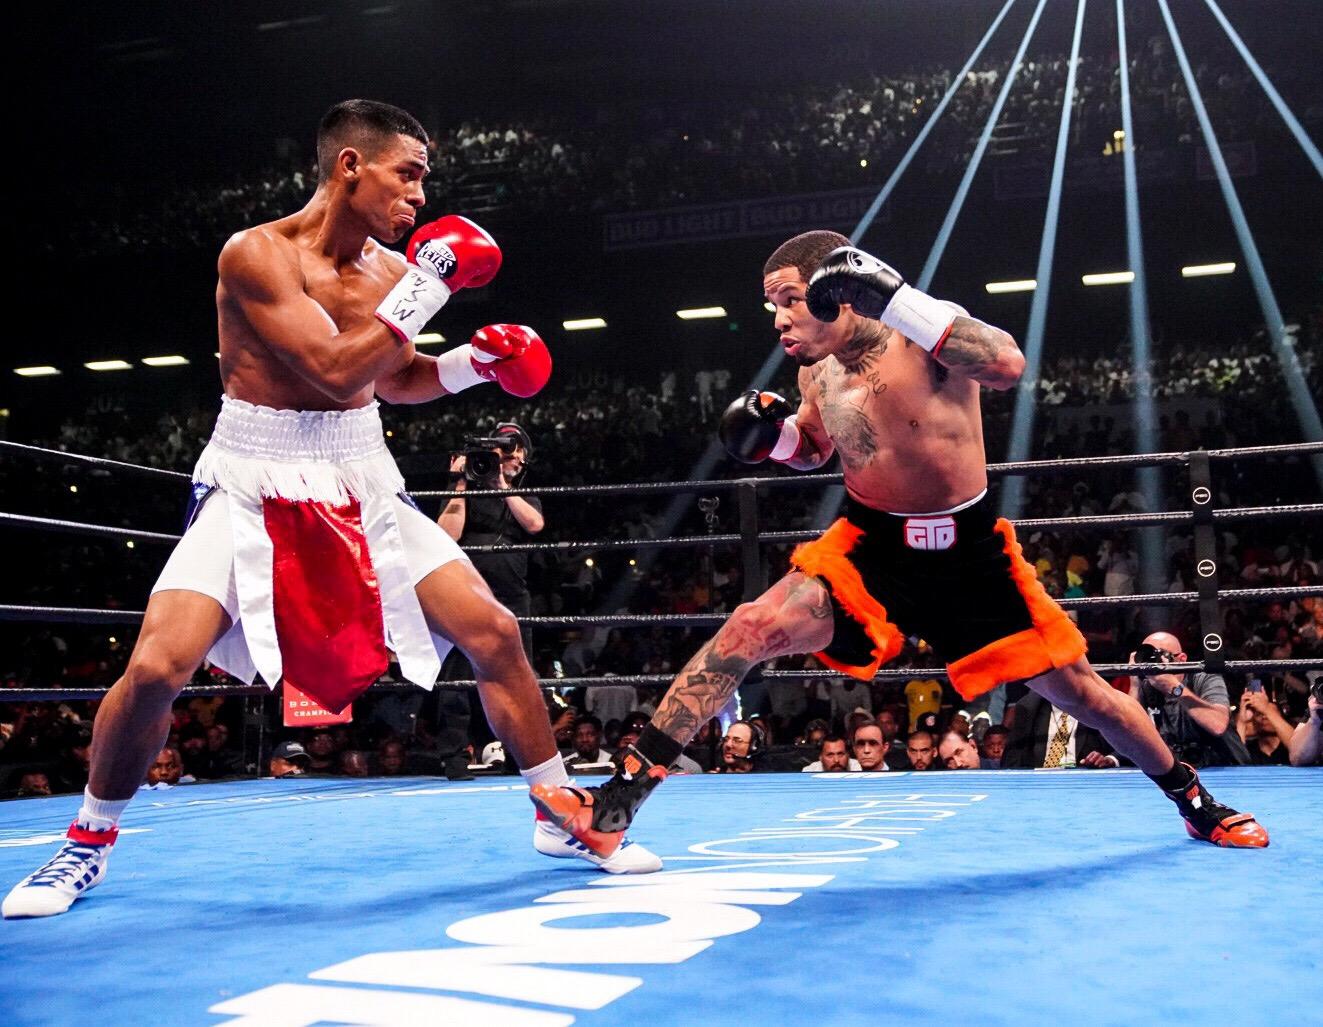 Davis vs Nunez @thisisamandaw